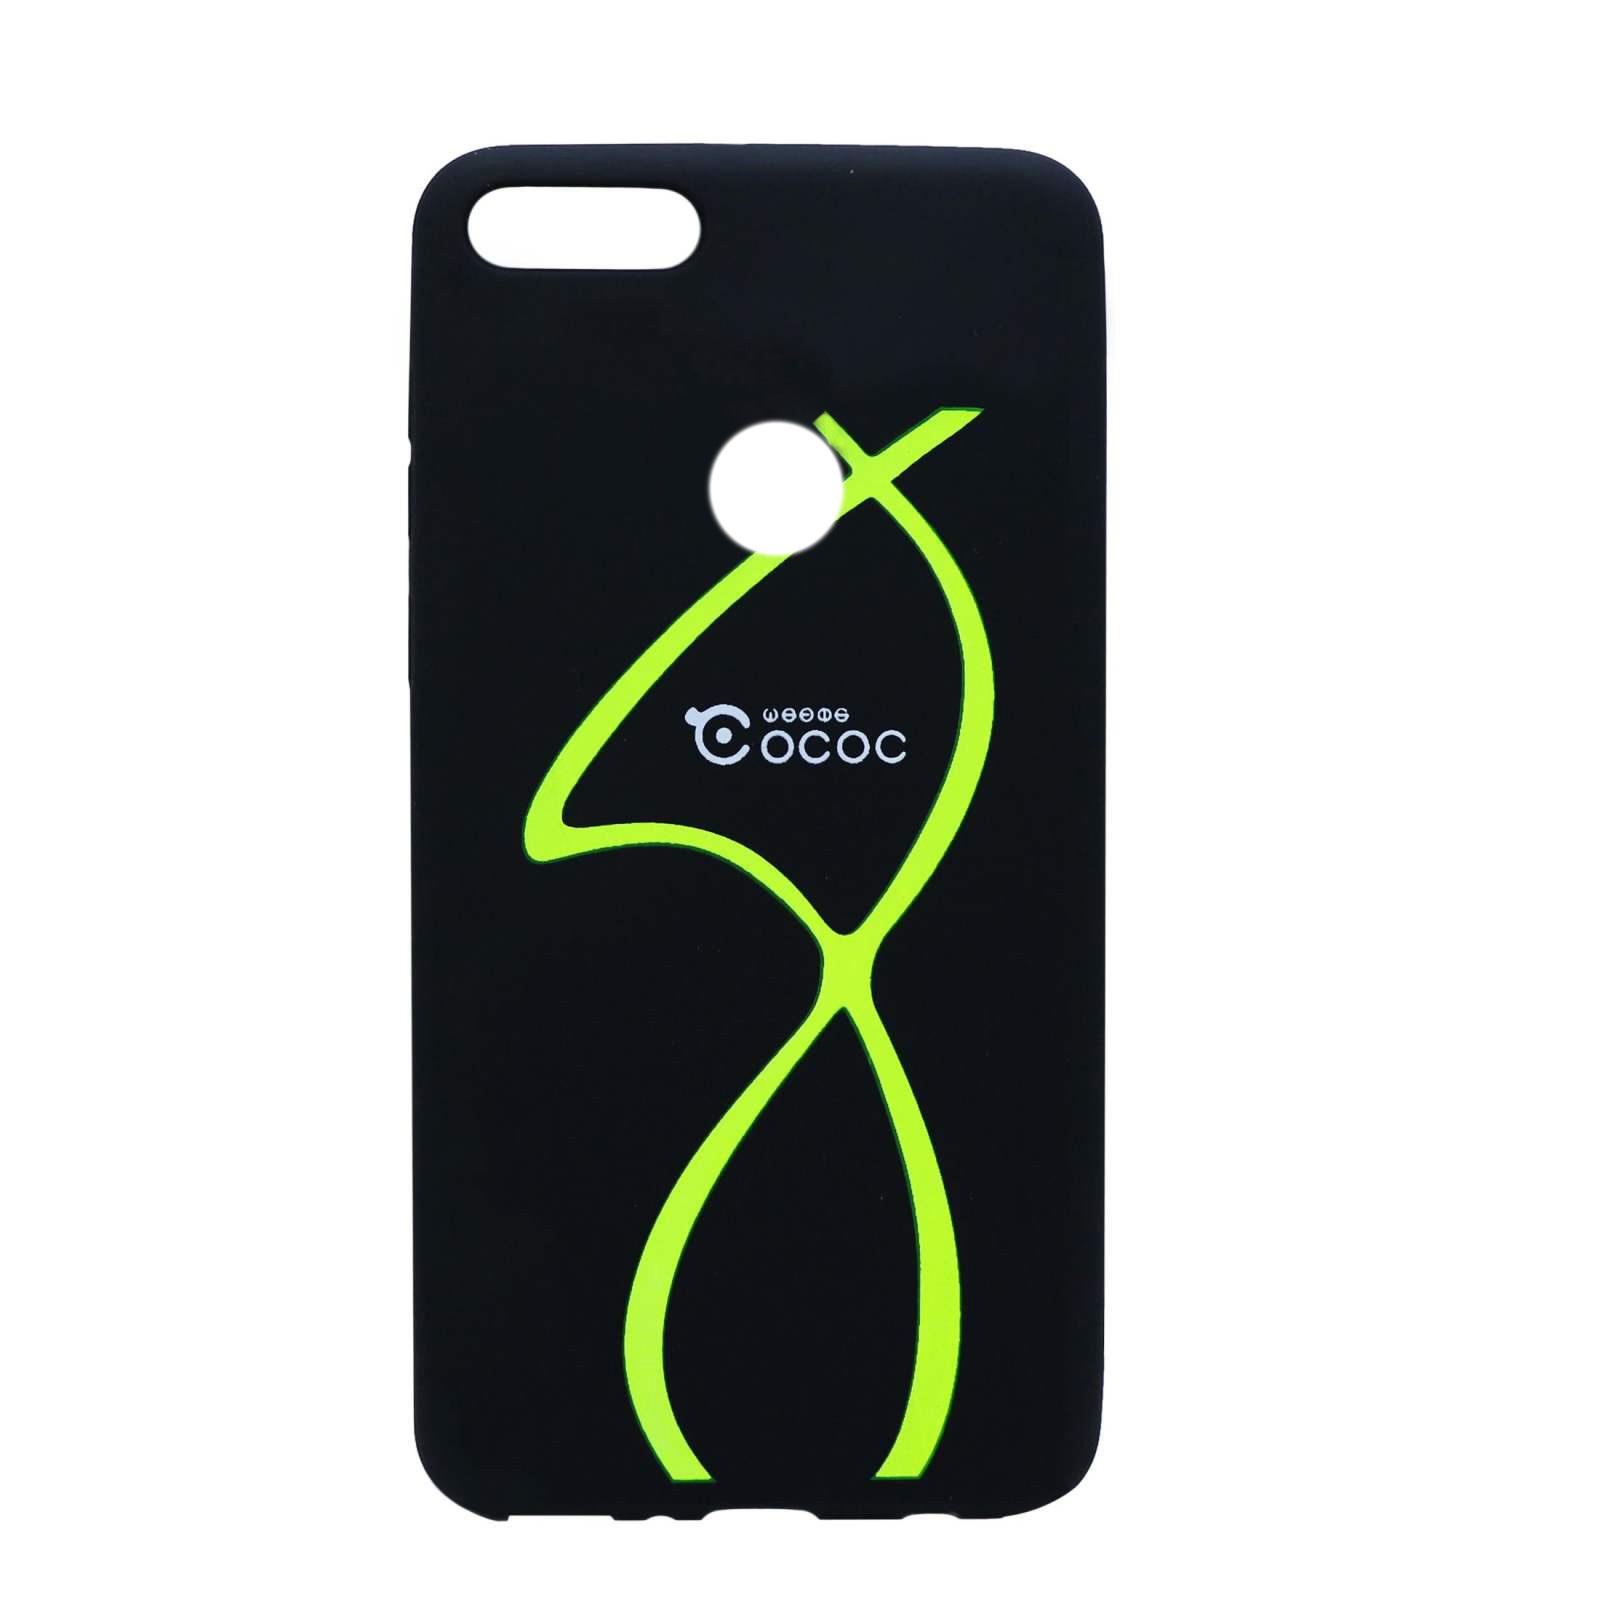 کاور مدل Fx-01 مناسب برای گوشی موبایل آنر 9 Lite              ( قیمت و خرید)